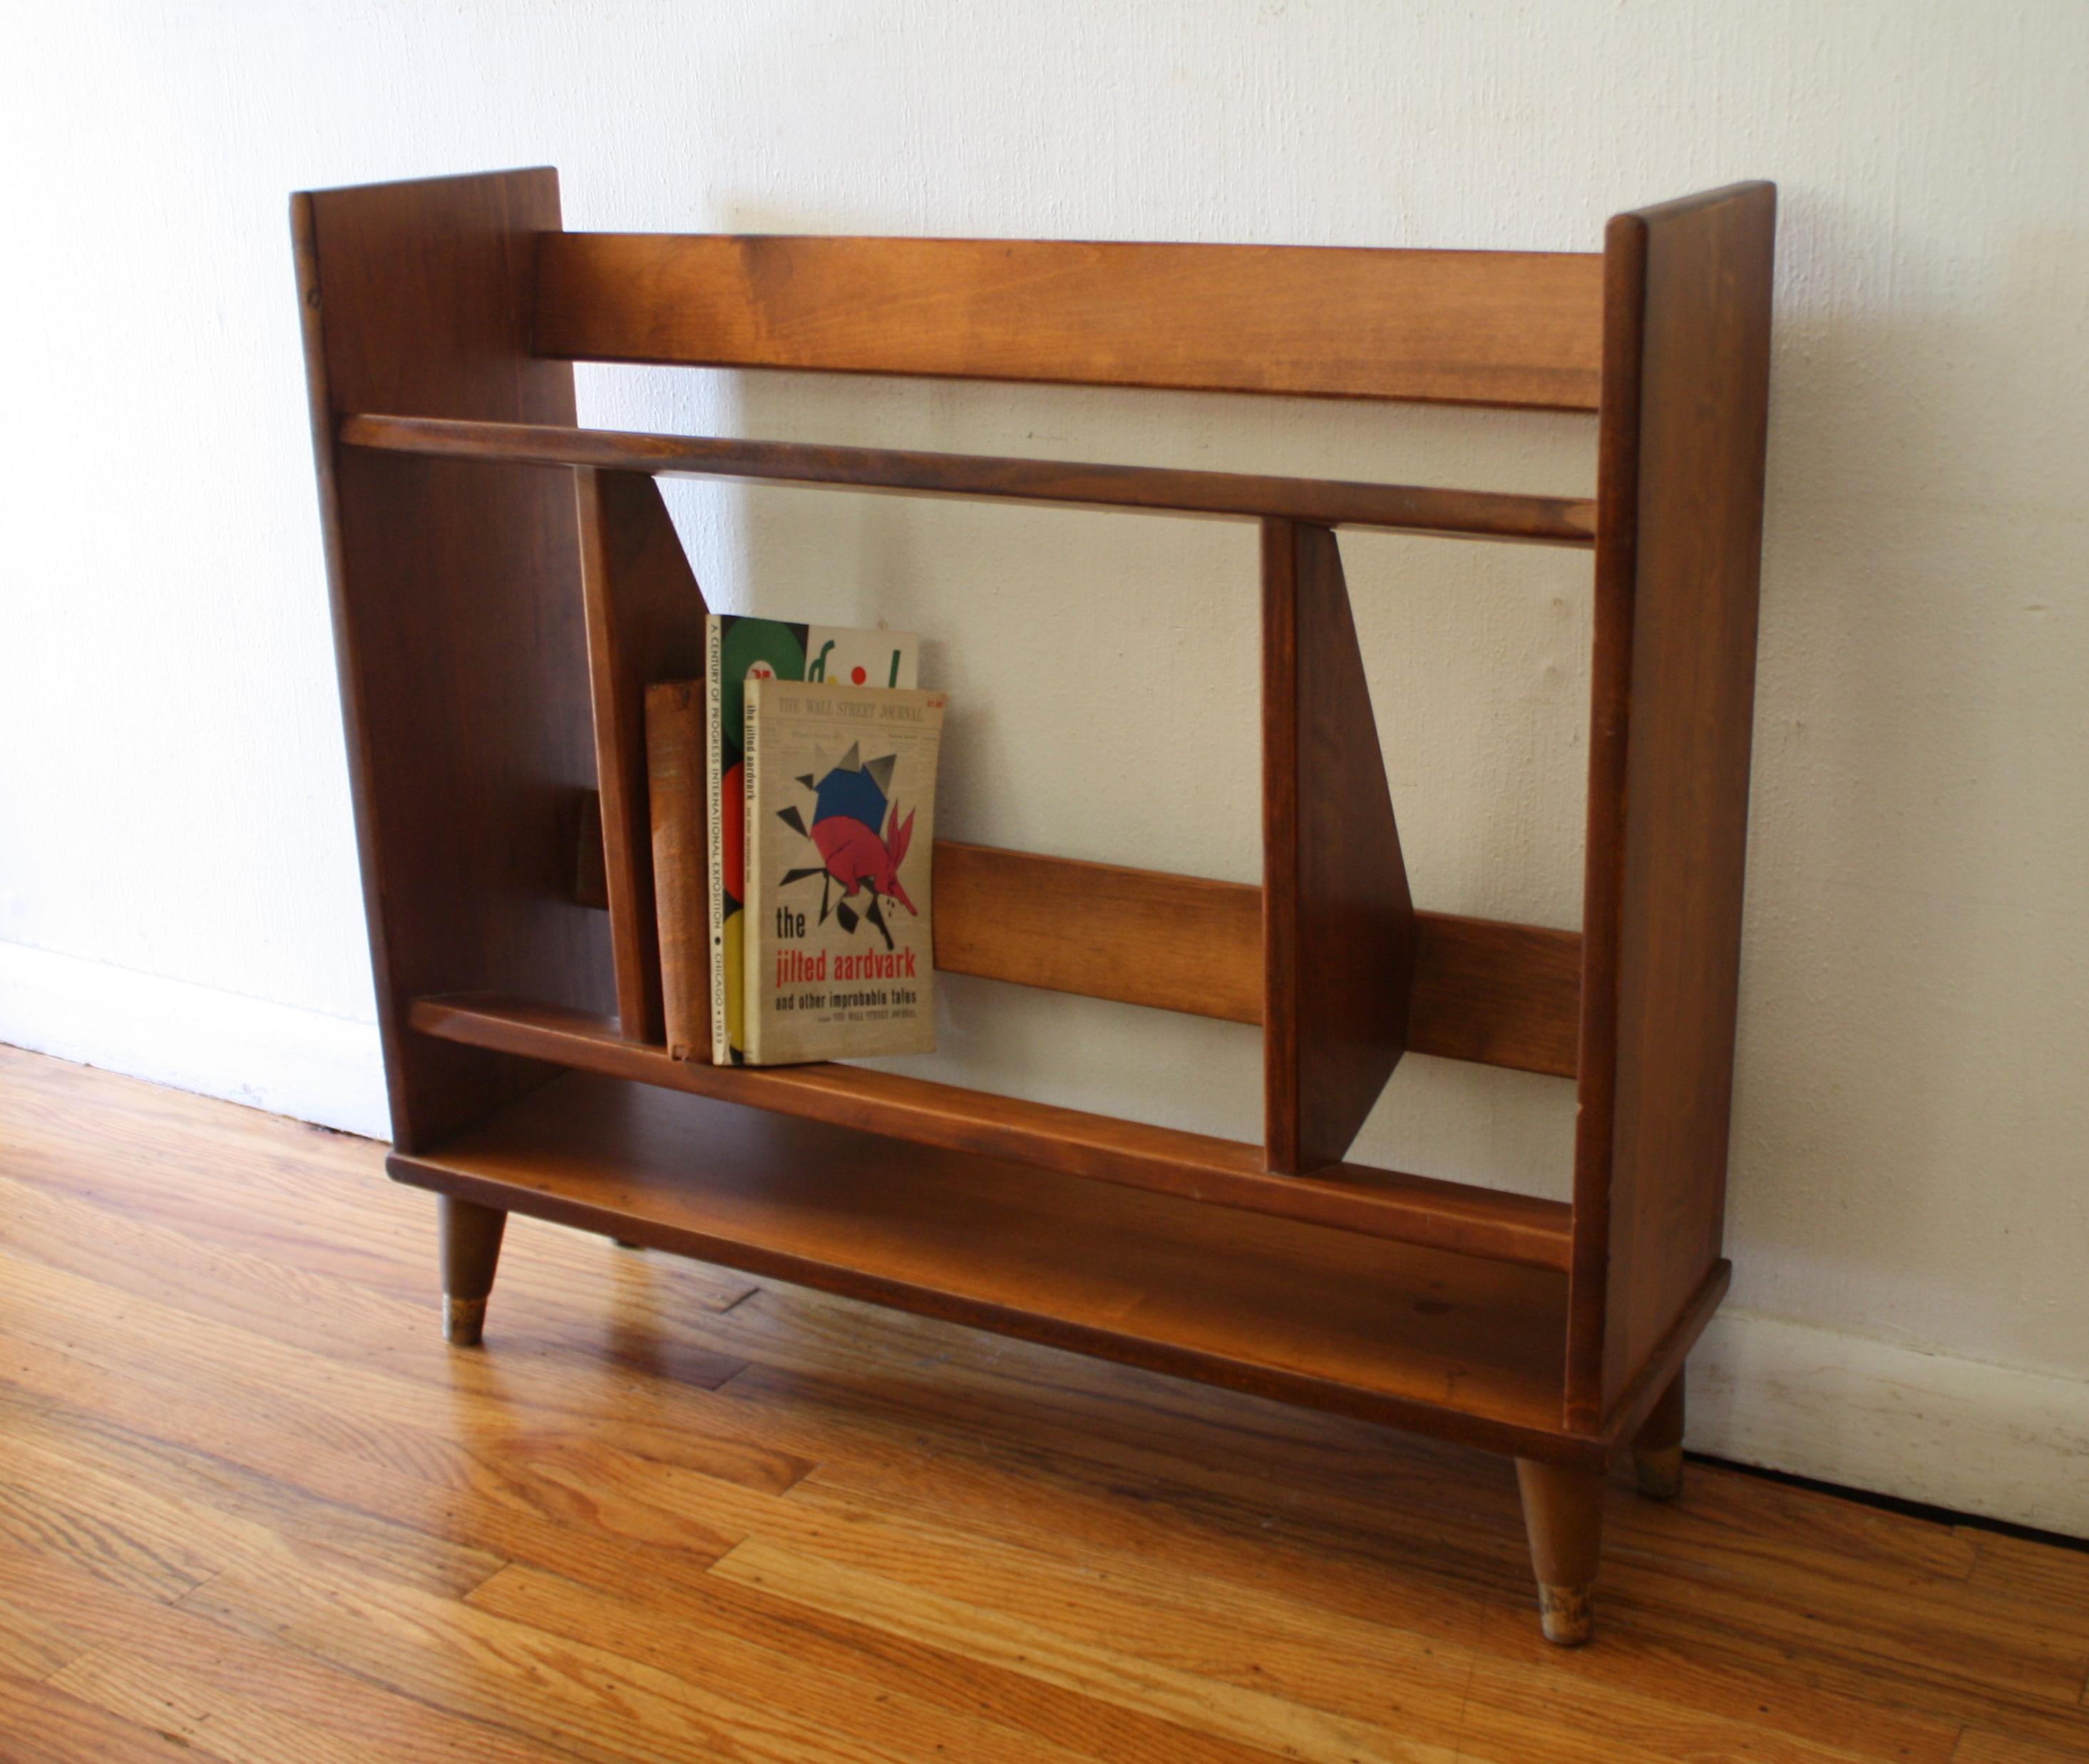 bookshelf picked vintage